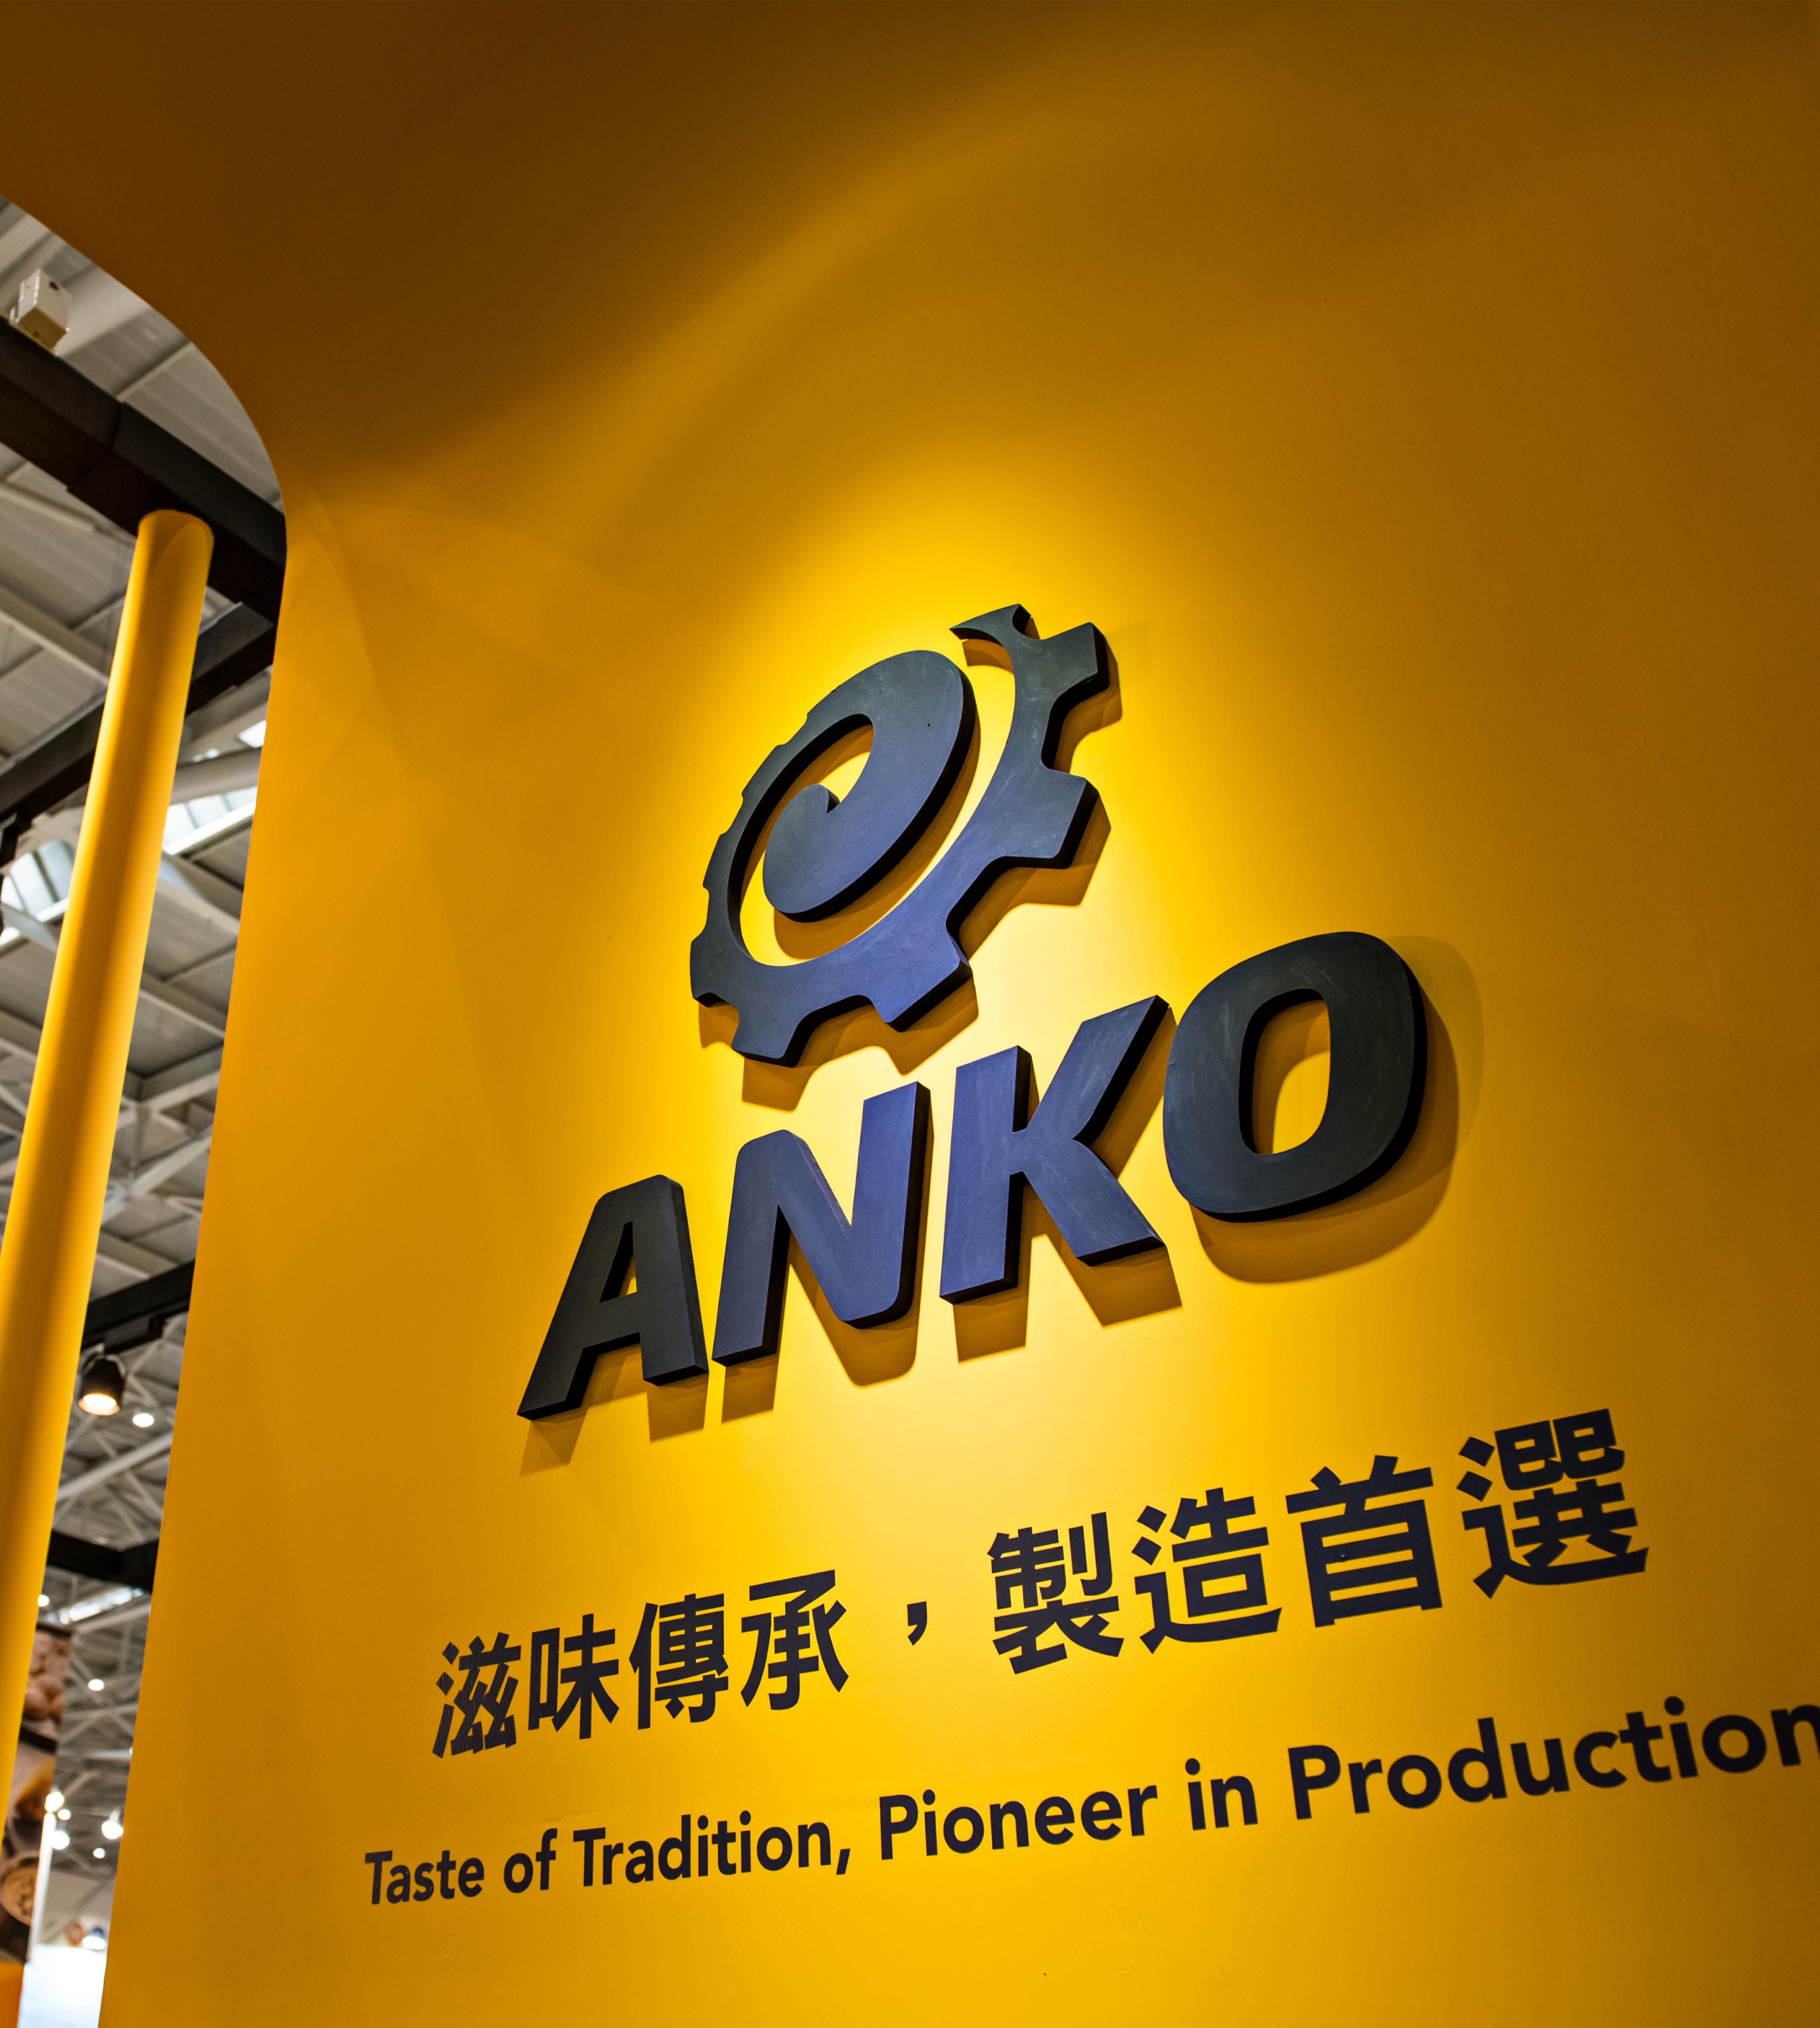 ANKO 安口食品机械